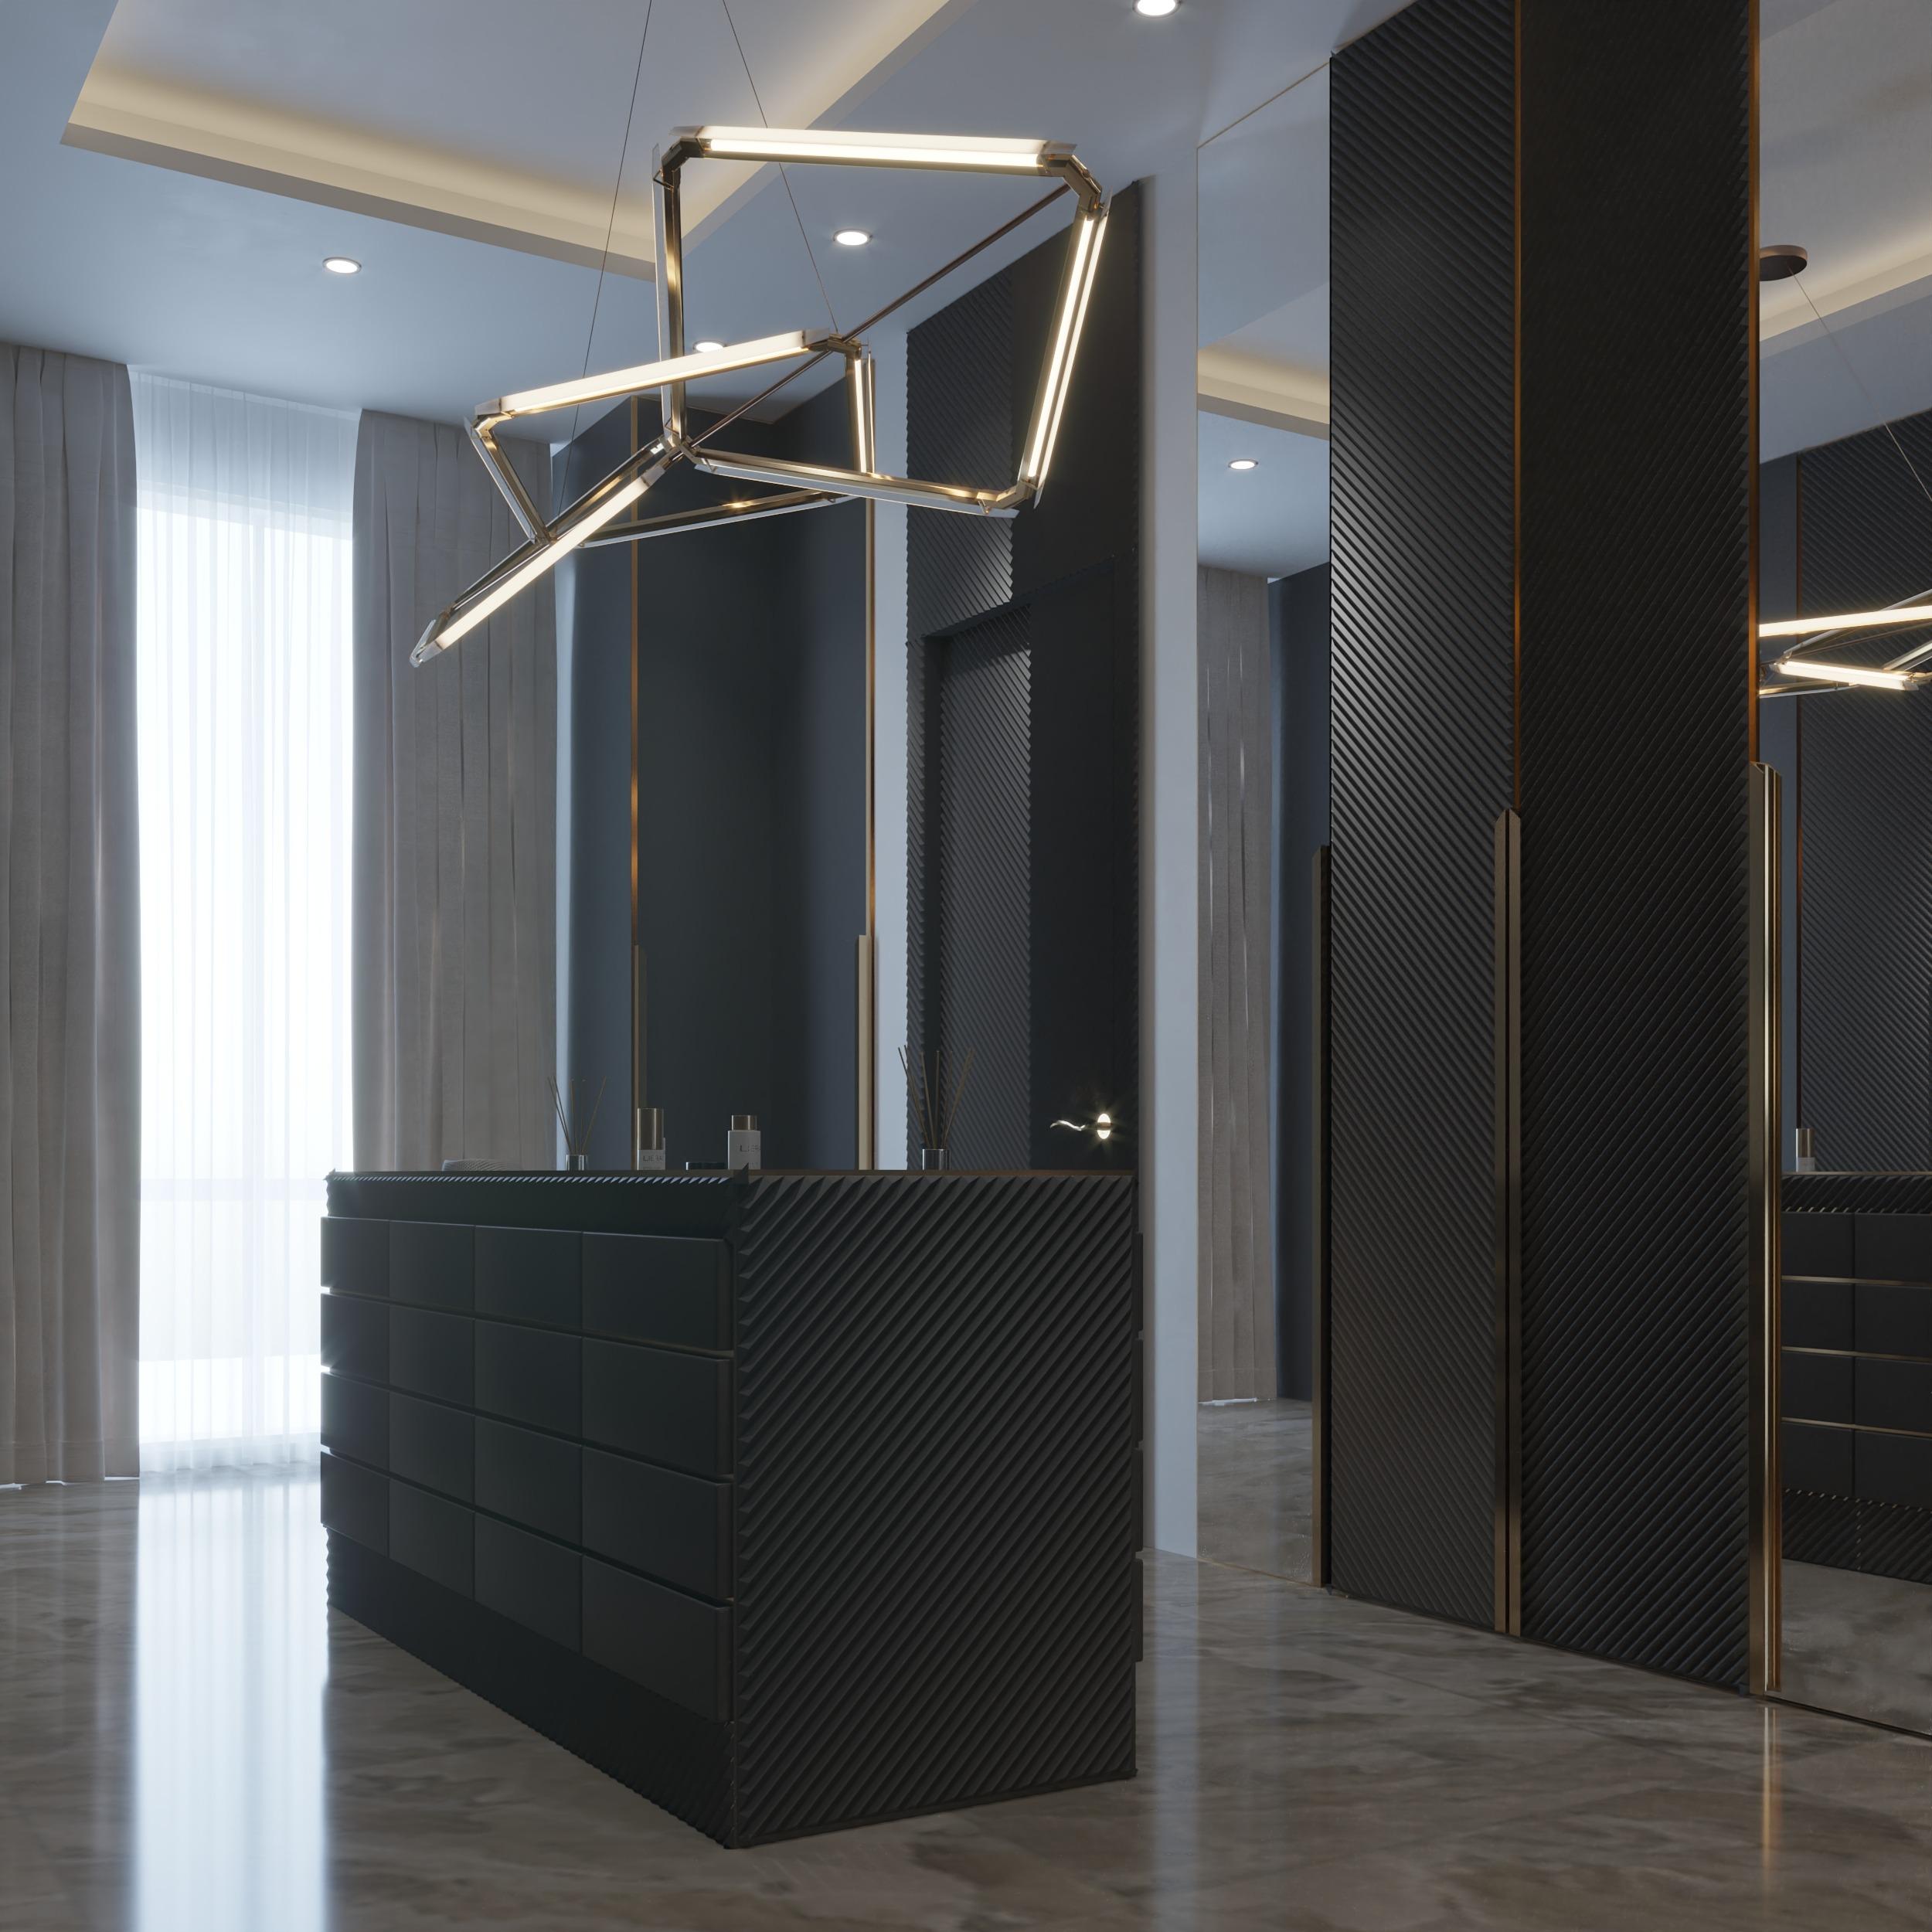 dressing room designs - dressing - mem dressing rom - black - golden